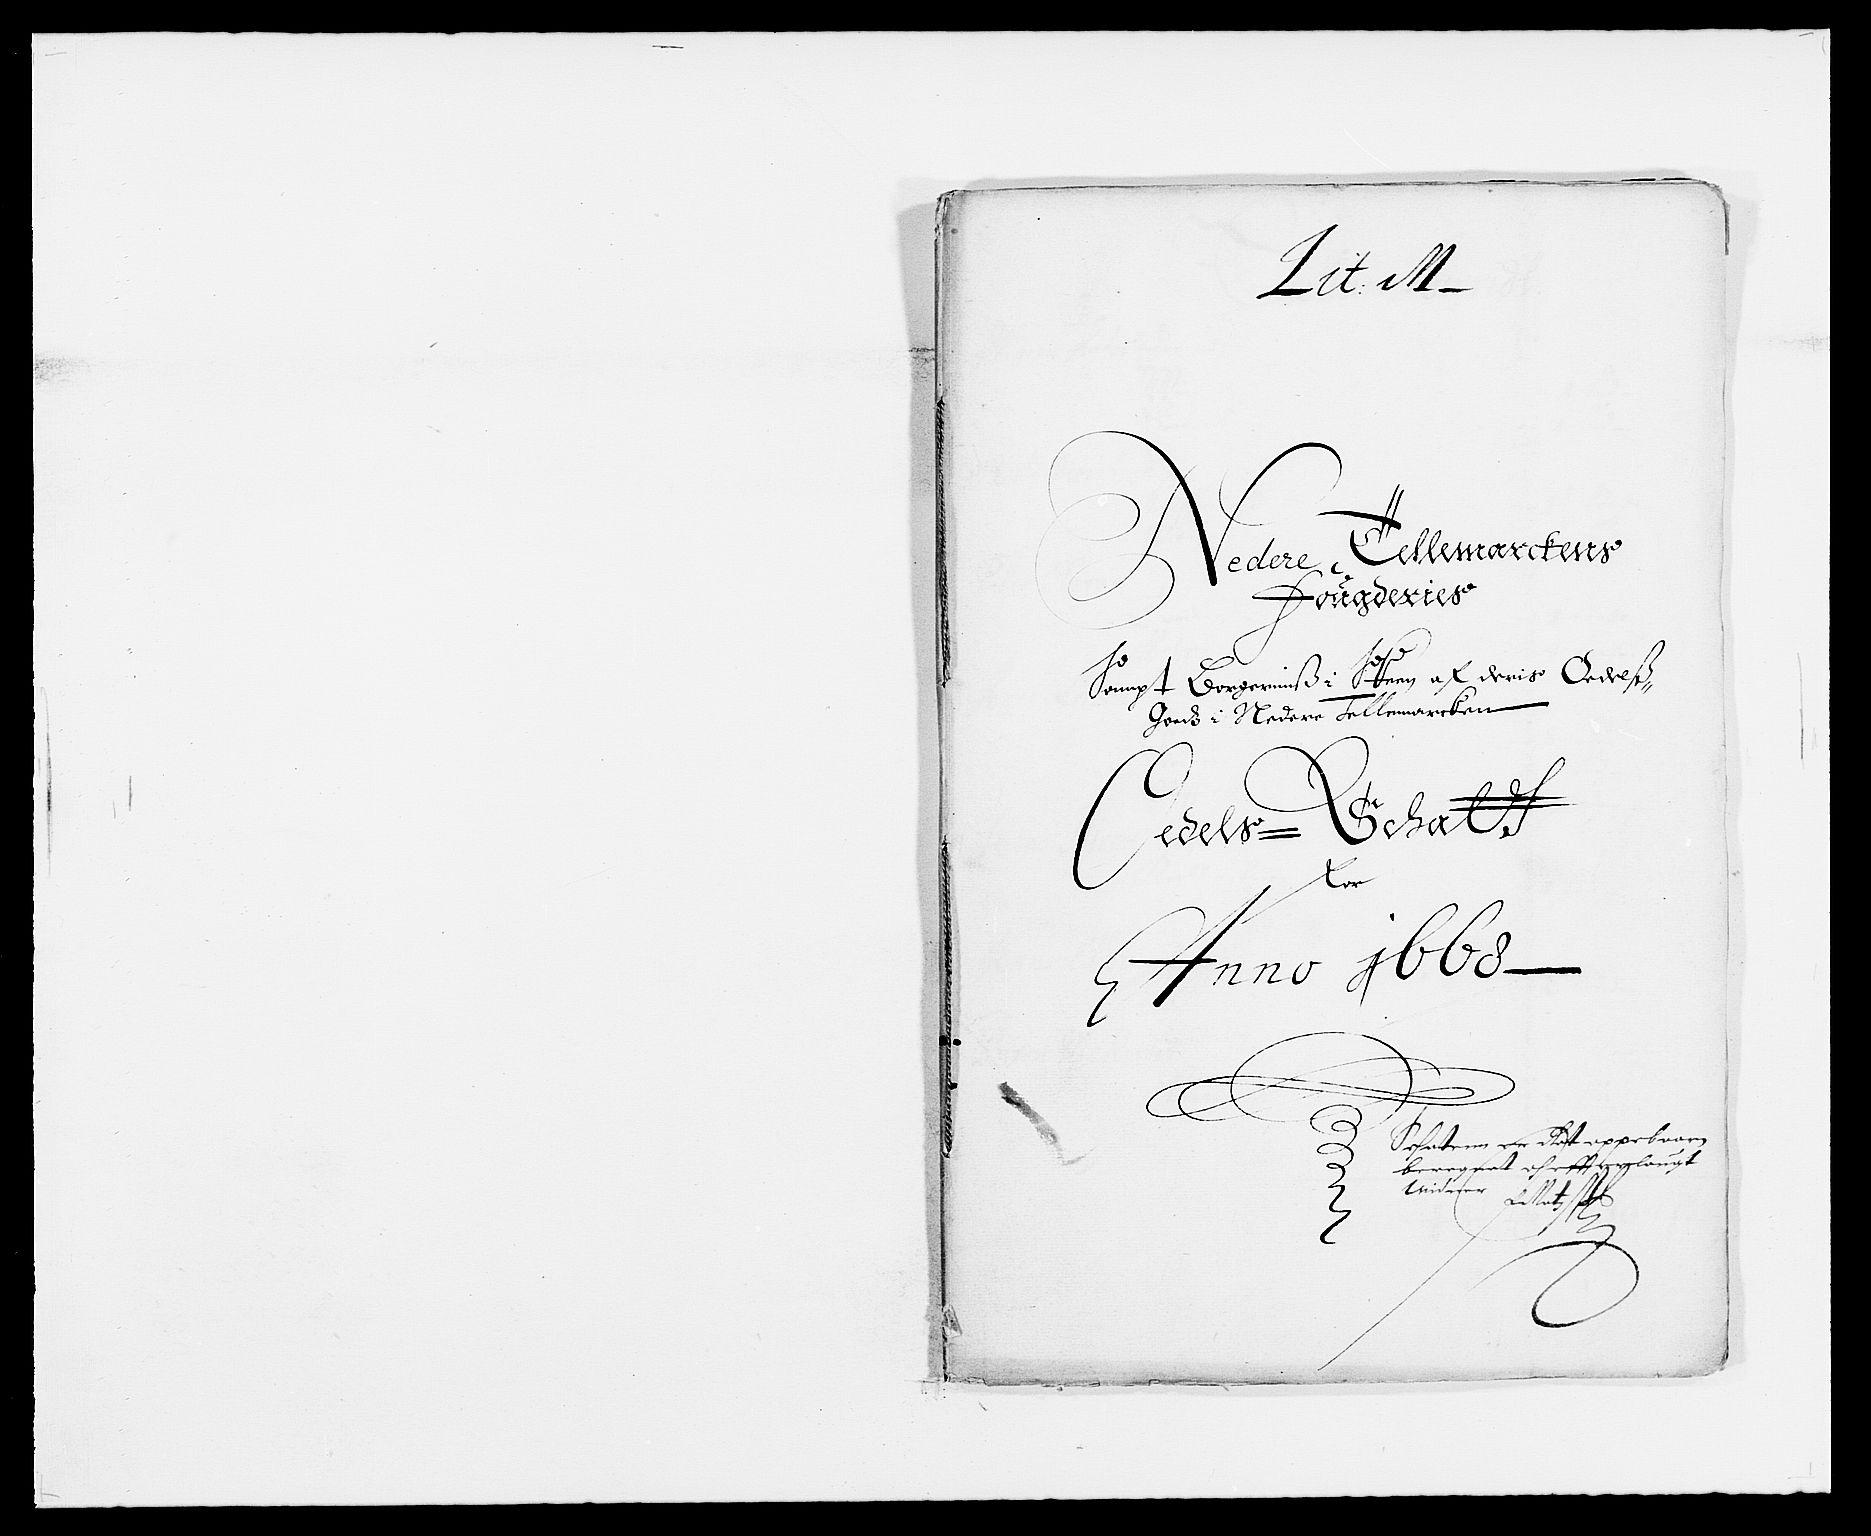 RA, Rentekammeret inntil 1814, Reviderte regnskaper, Fogderegnskap, R35/L2058: Fogderegnskap Øvre og Nedre Telemark, 1668-1670, s. 239